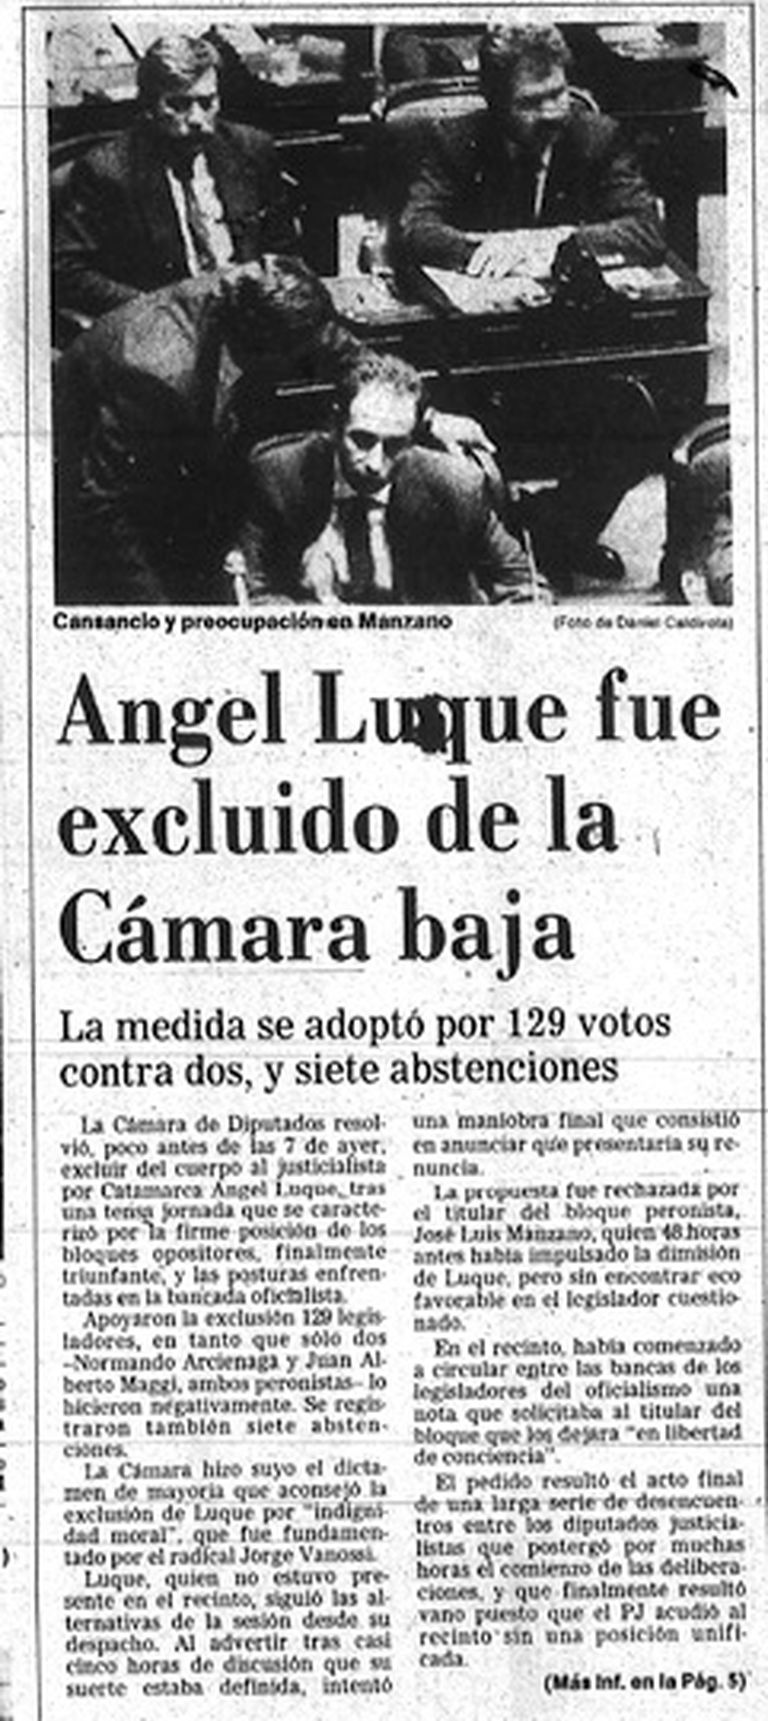 Luque excluido del Congreso, en la tapa de La Nacion el 20 de abril de 1991